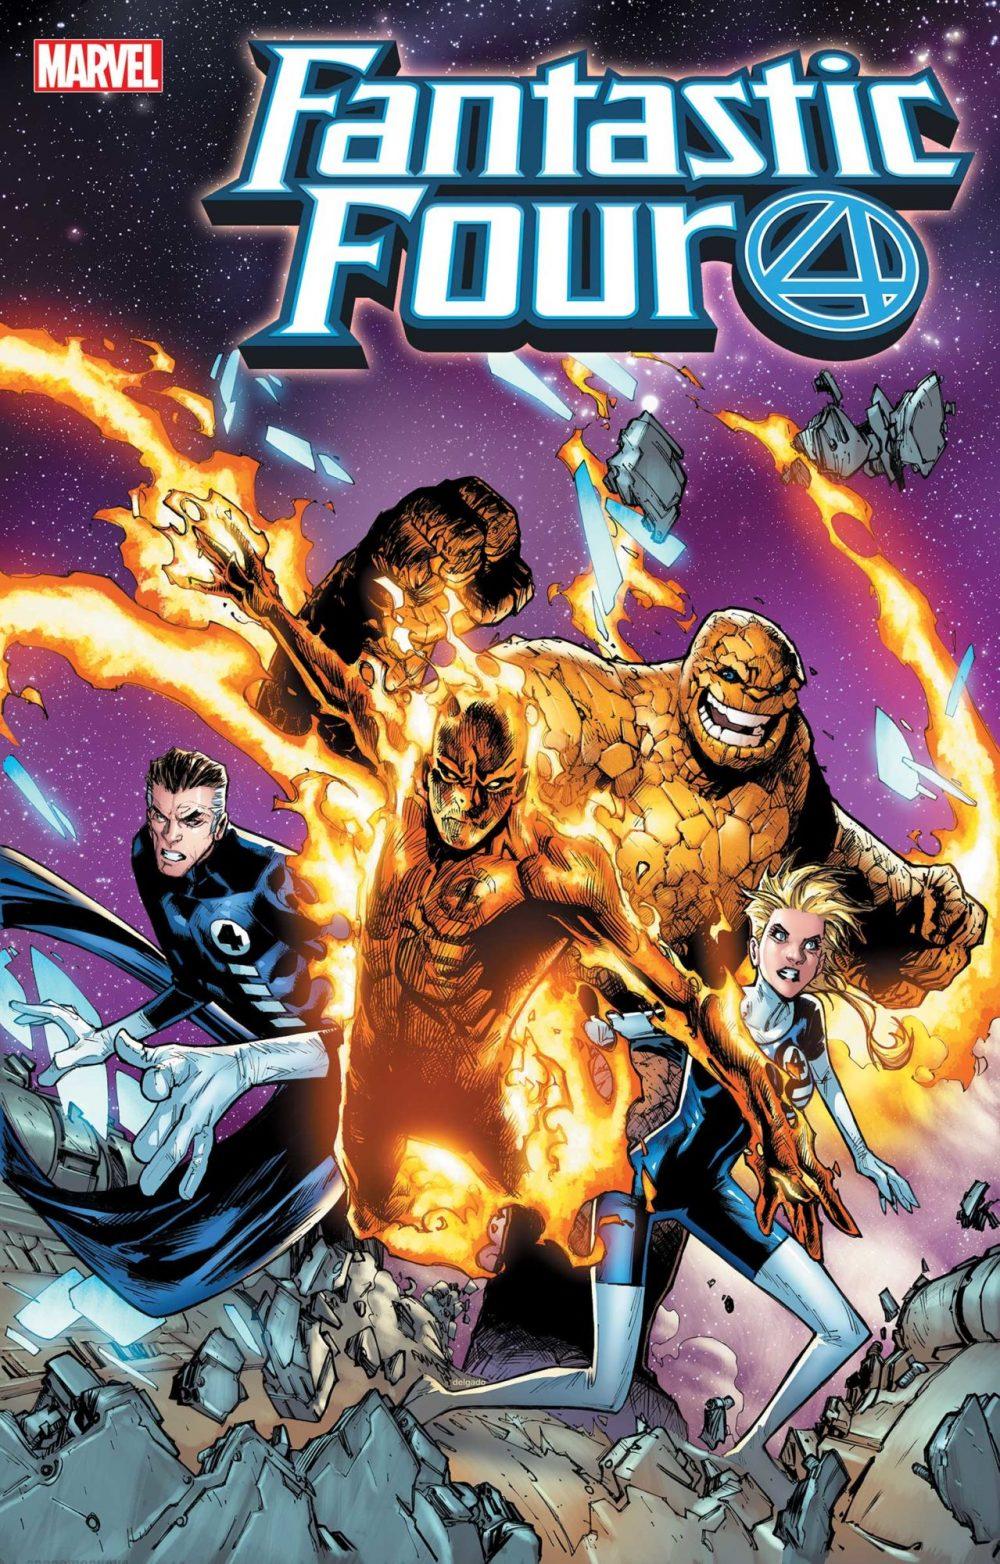 Fantastic Four 2099 #1, variant cover di Humberto Ramos